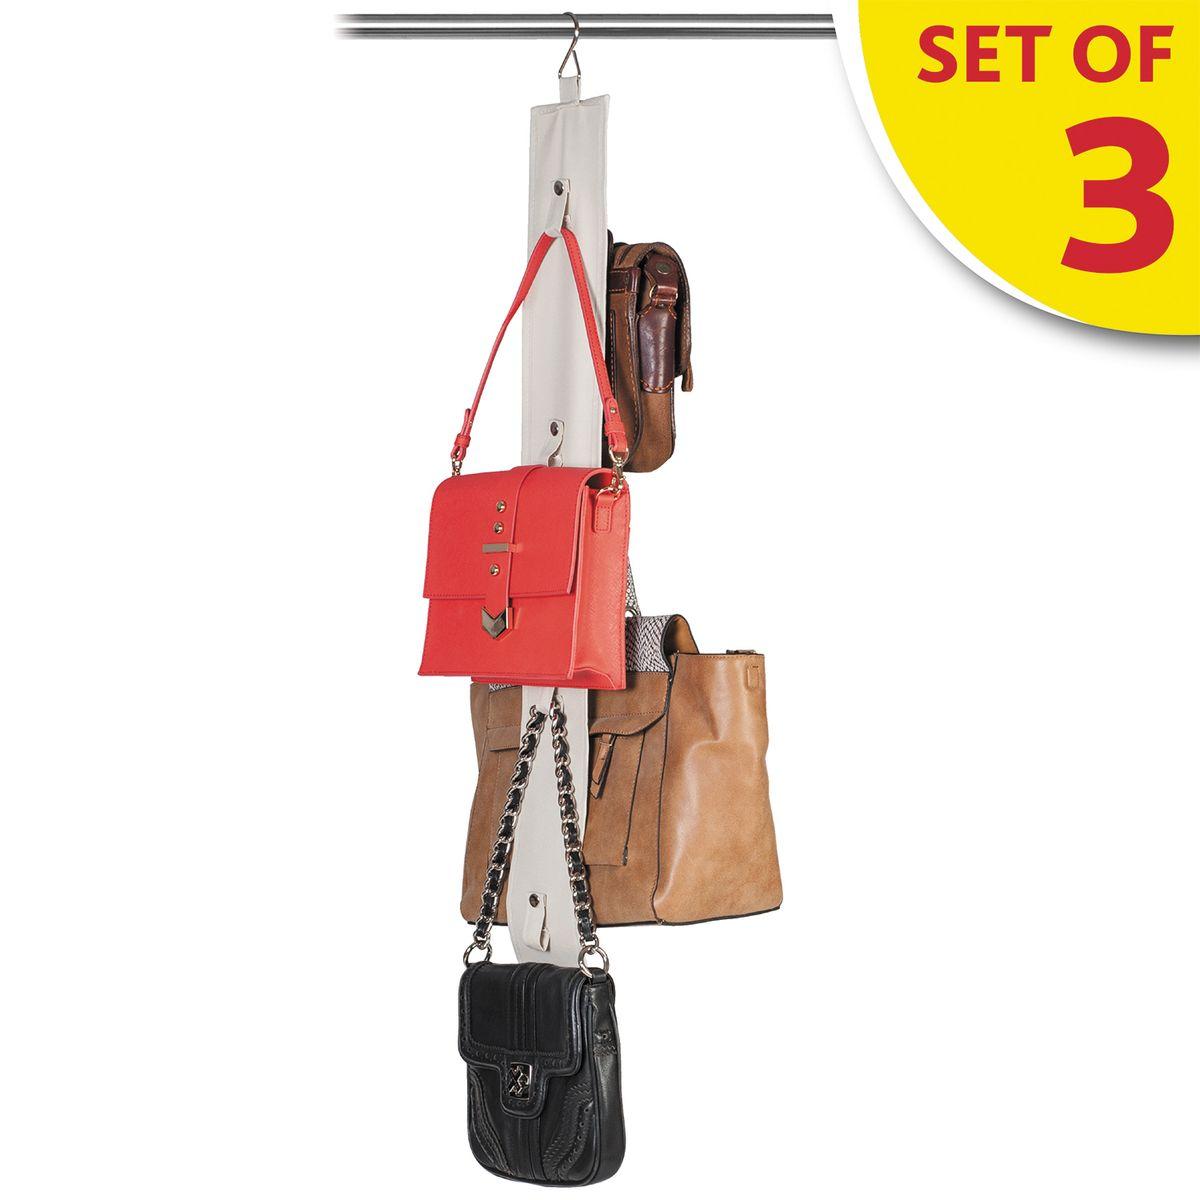 Набор органайзеров для хранения сумок в шкафу Tatkraft Roo, 3 штS03301004Tatkraft ROO Набор из трех органайзеров для хранения сумок в шкафу. Двусторонняя лента с вешалкой и 8 ремнями-петлями на кнопках для хранения сумок, кепок, бижутерии. Компактное хранение, экономит место. Размер:10?87 см.